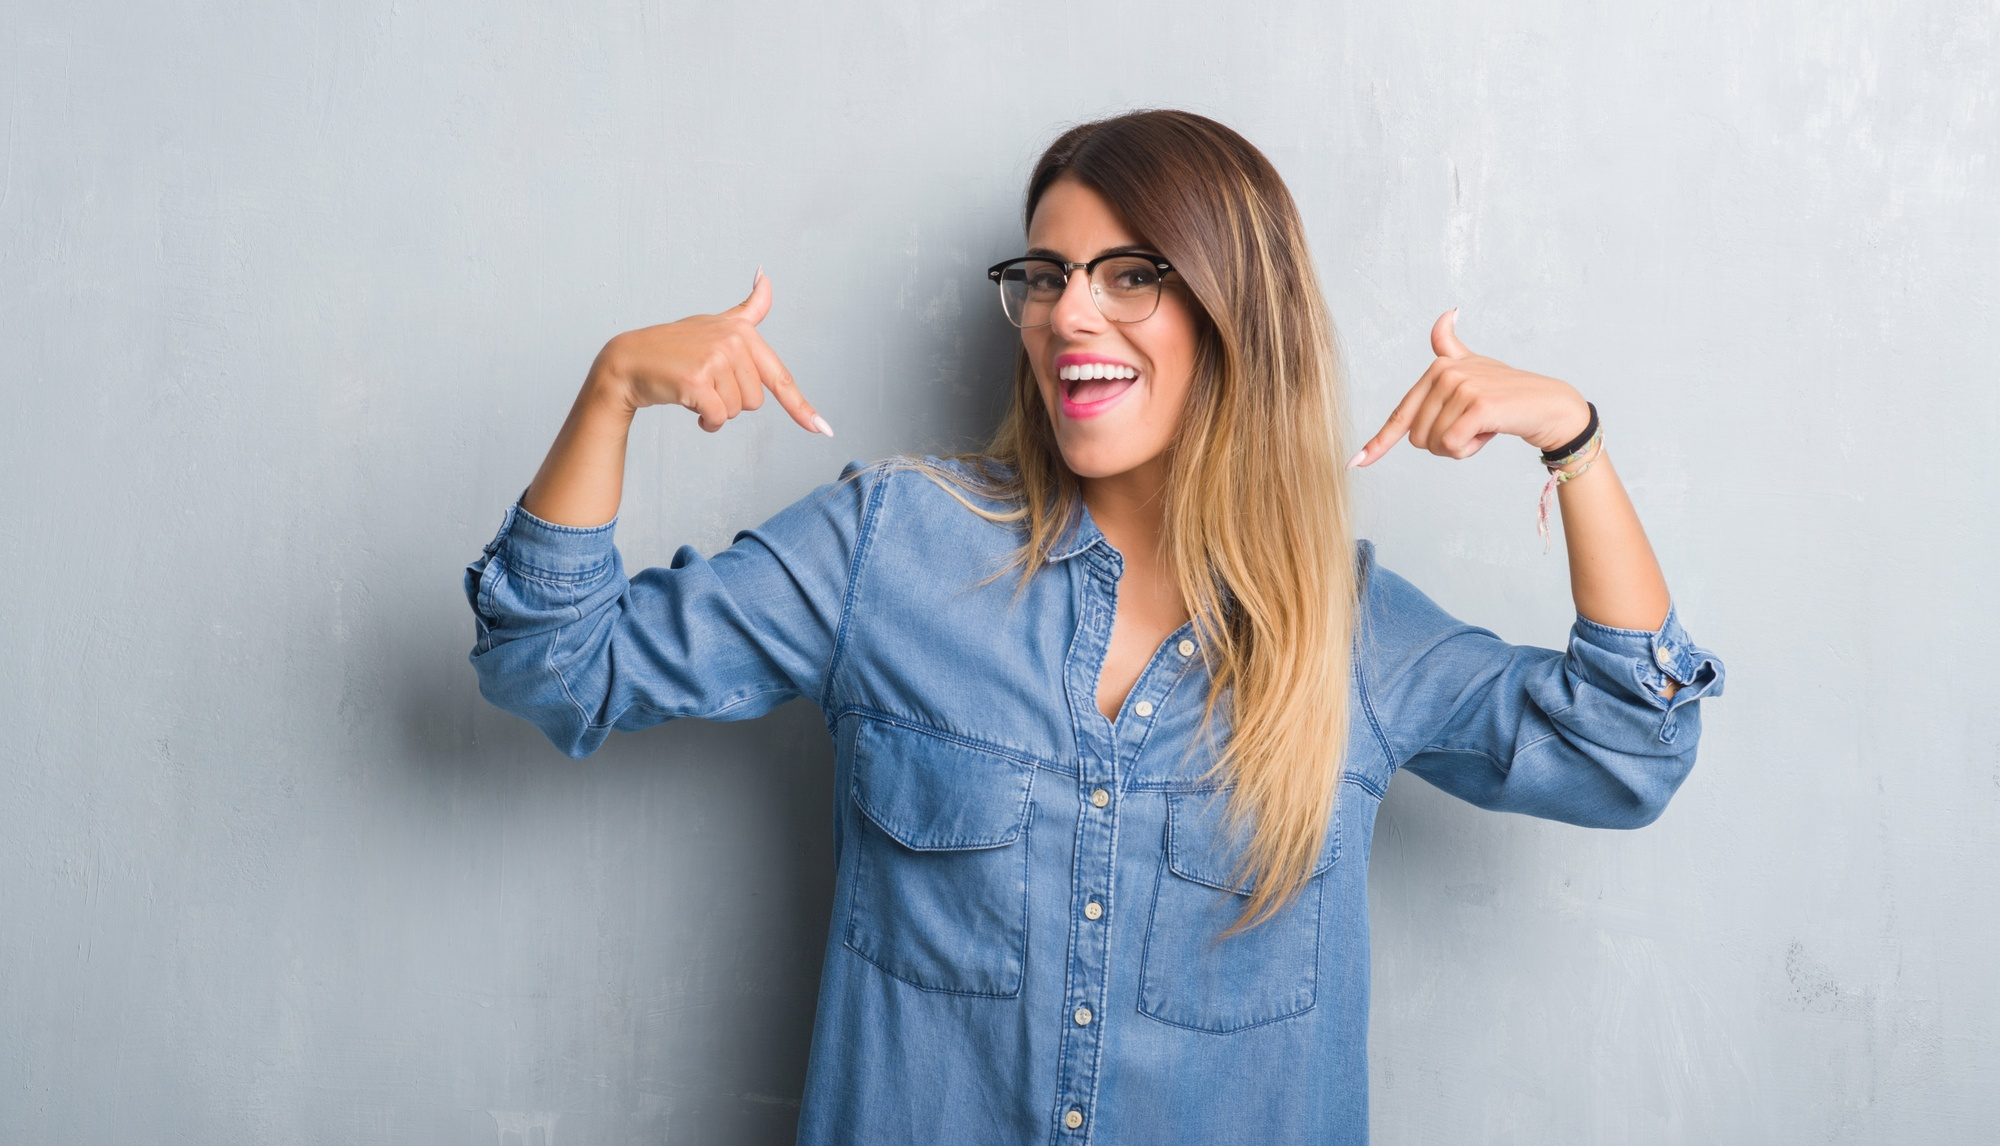 Lächelnde Frau zeigt mit beiden Zeigefingern auf sich selbst